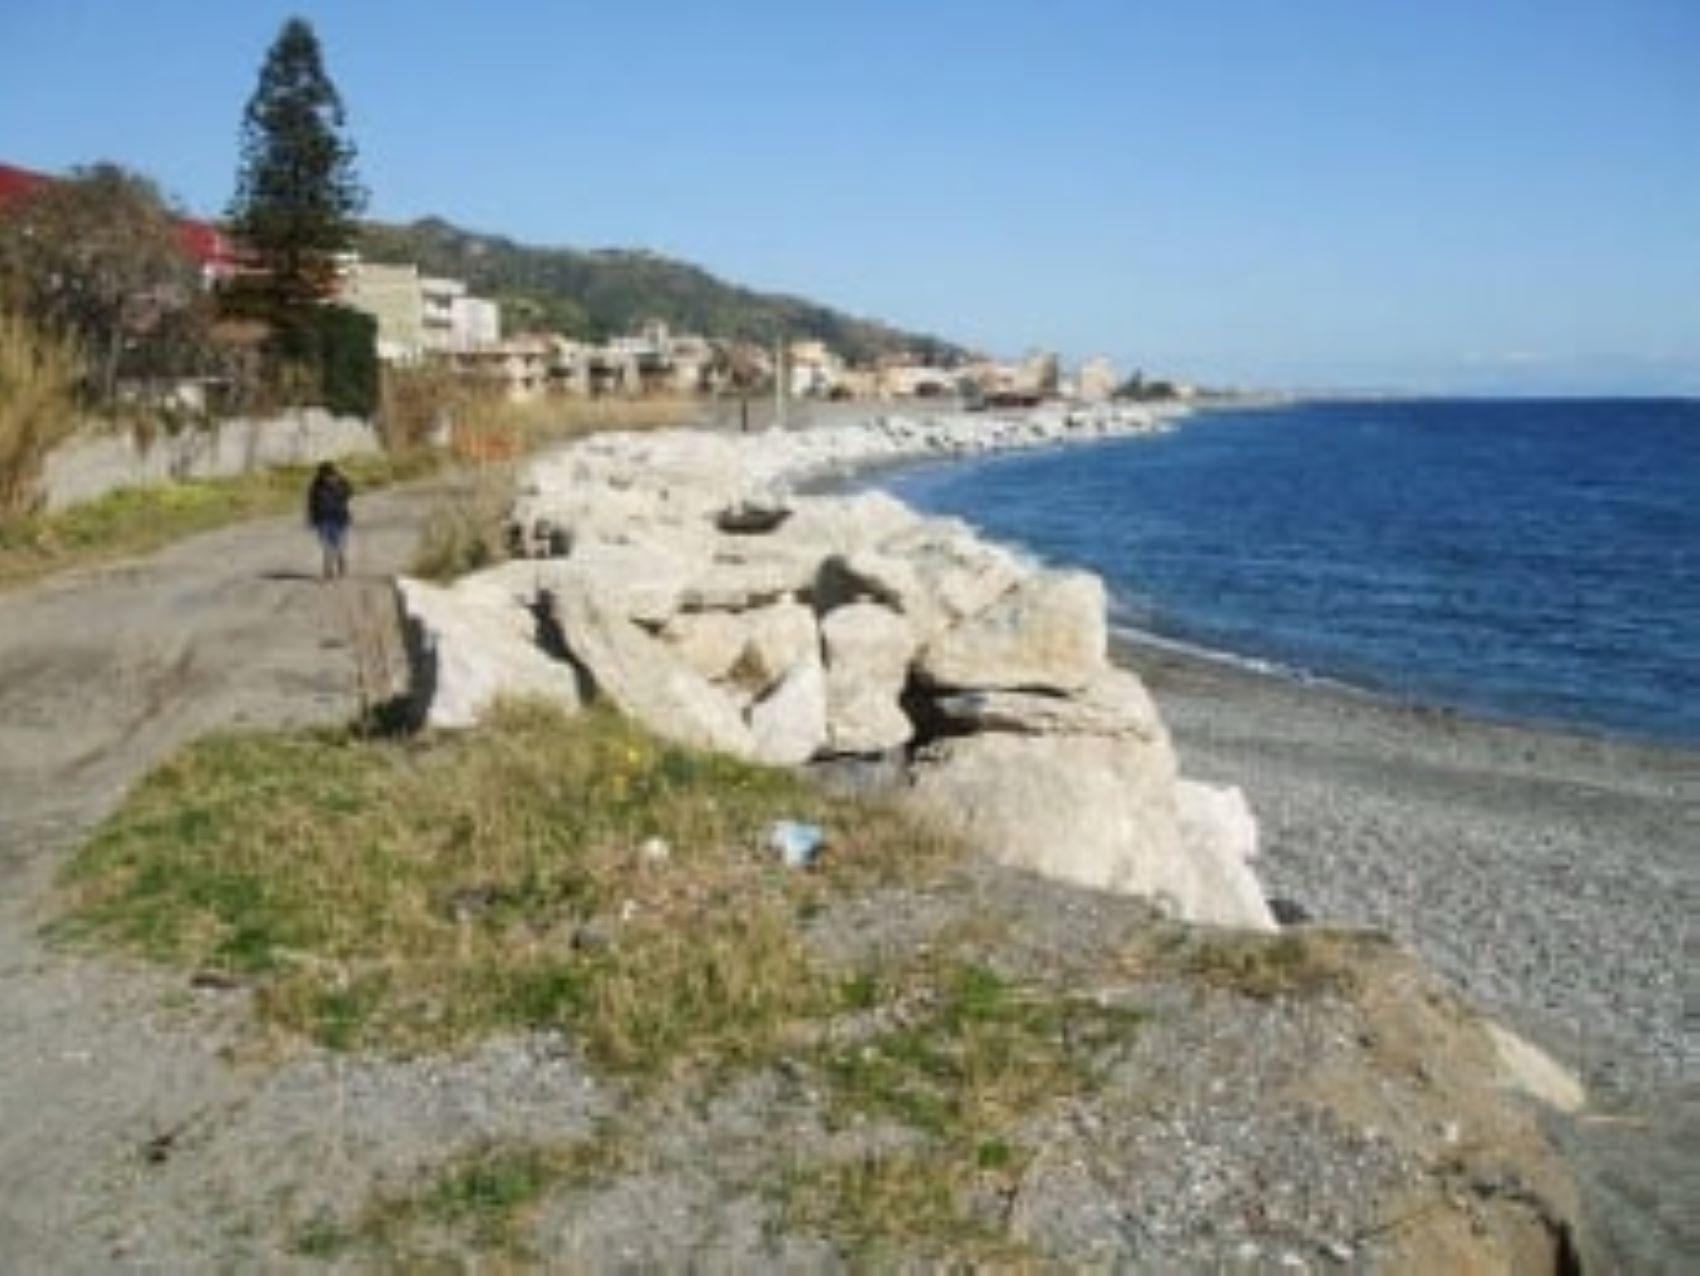 Galati Marina,Erosione costiera: approvato il progetto e i lavori